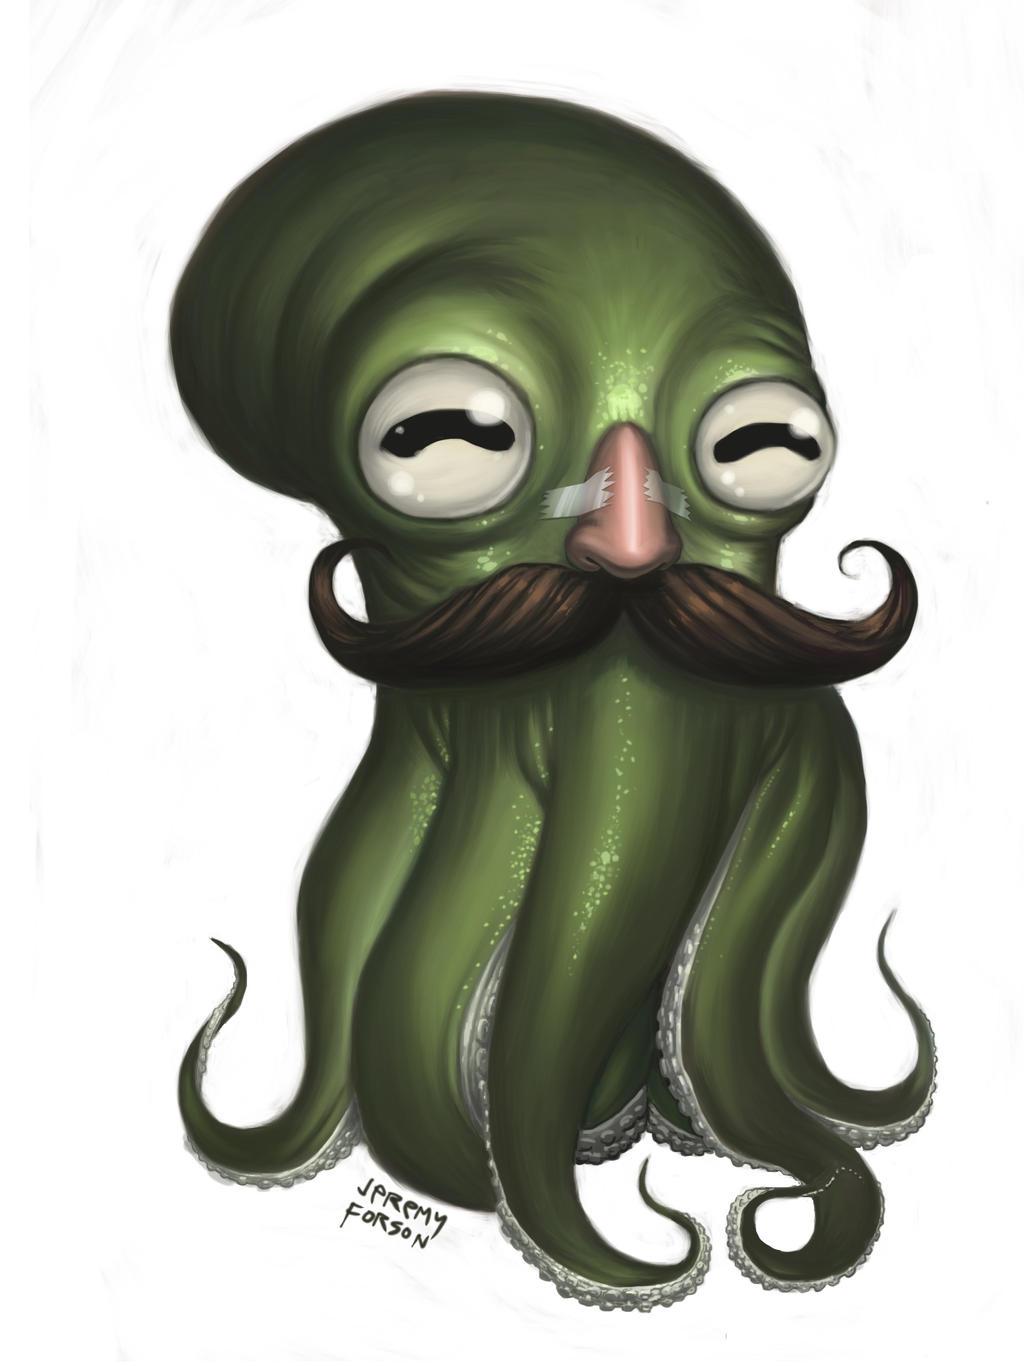 Fancy Octopus 2 by Jeremy-Forson